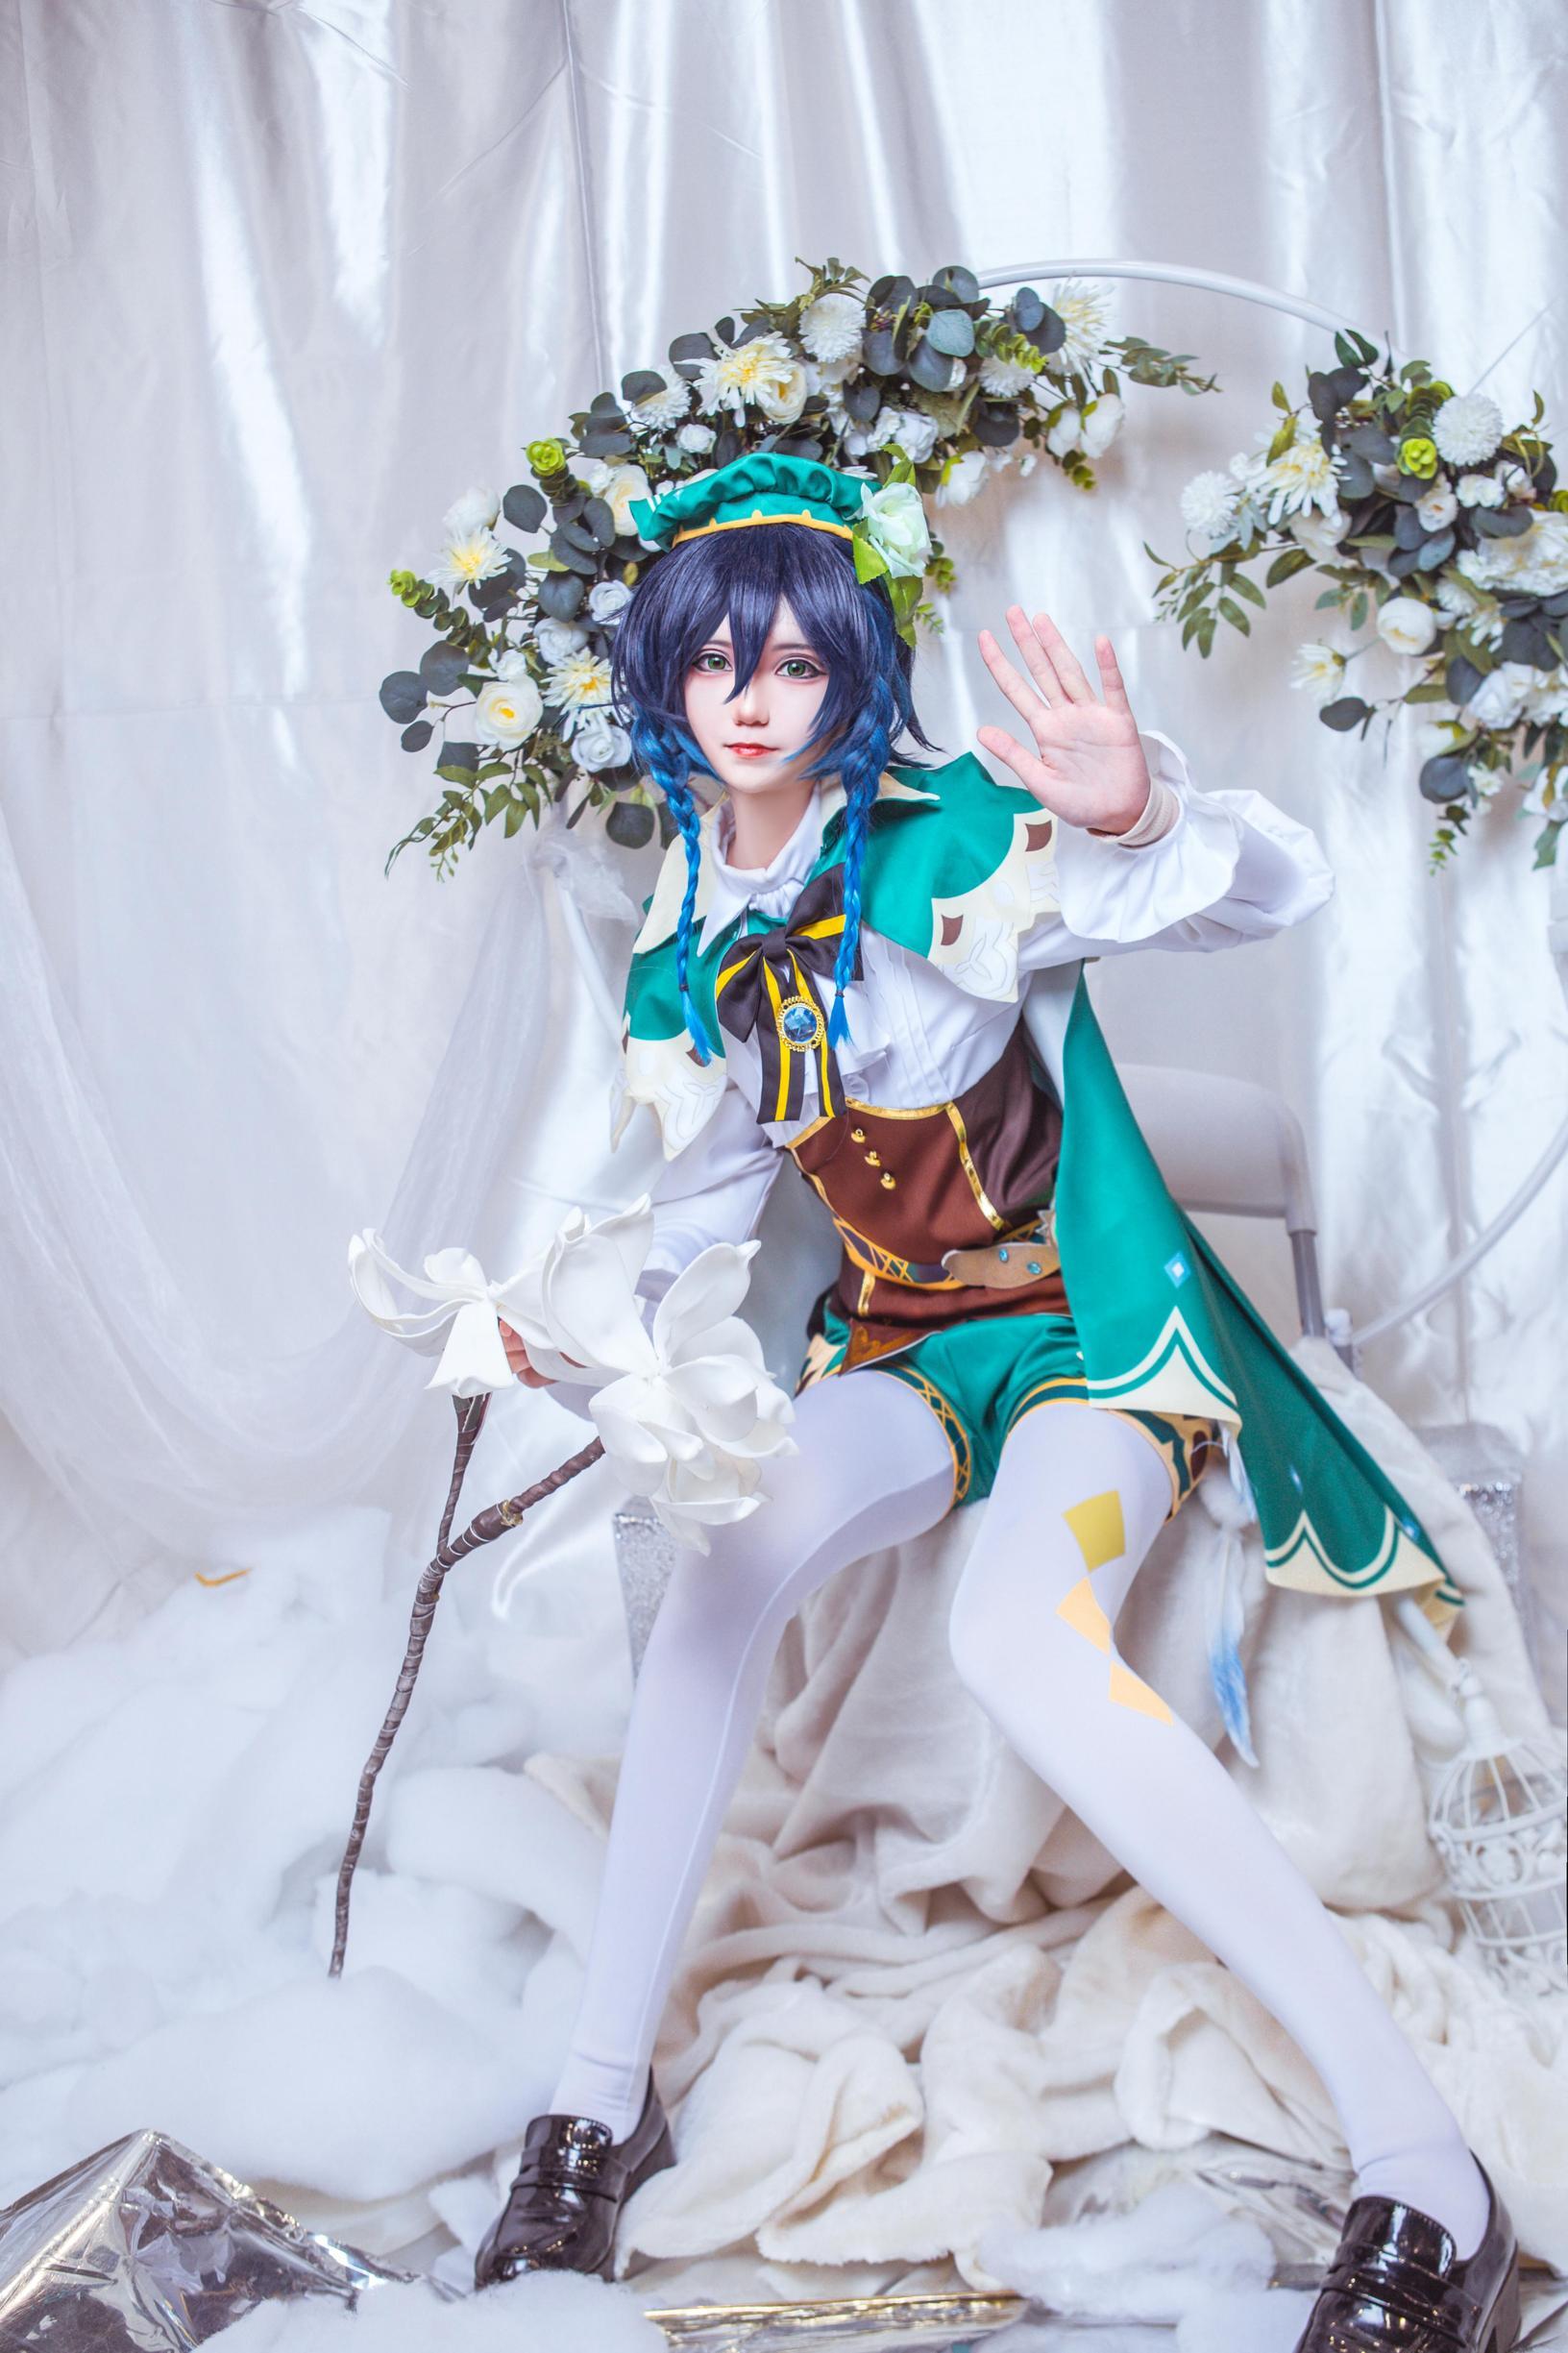 《原神》巴巴托斯cosplay【CN:南千鲤Akirui】-第6张